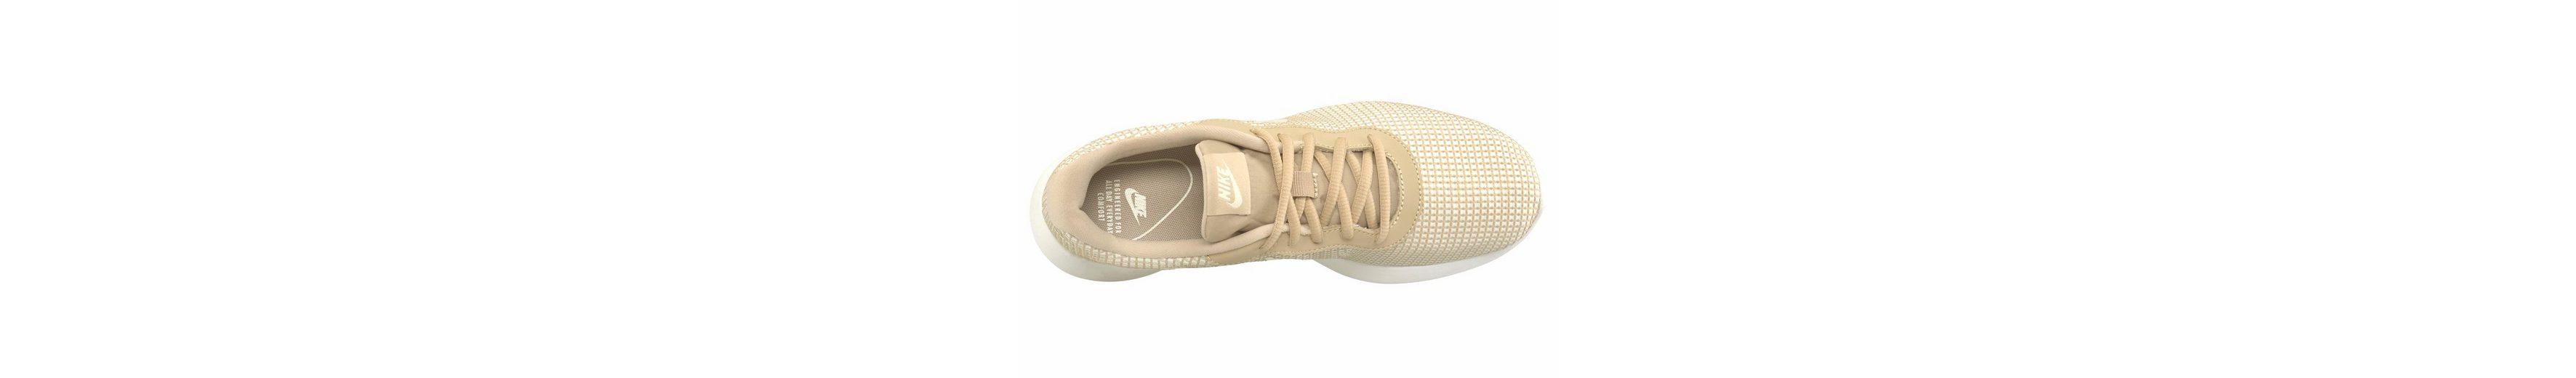 Nike Sportswear Wmns Tanjun SE Sneaker Freies Verschiffen Perfekt Äußerst H8j5aL